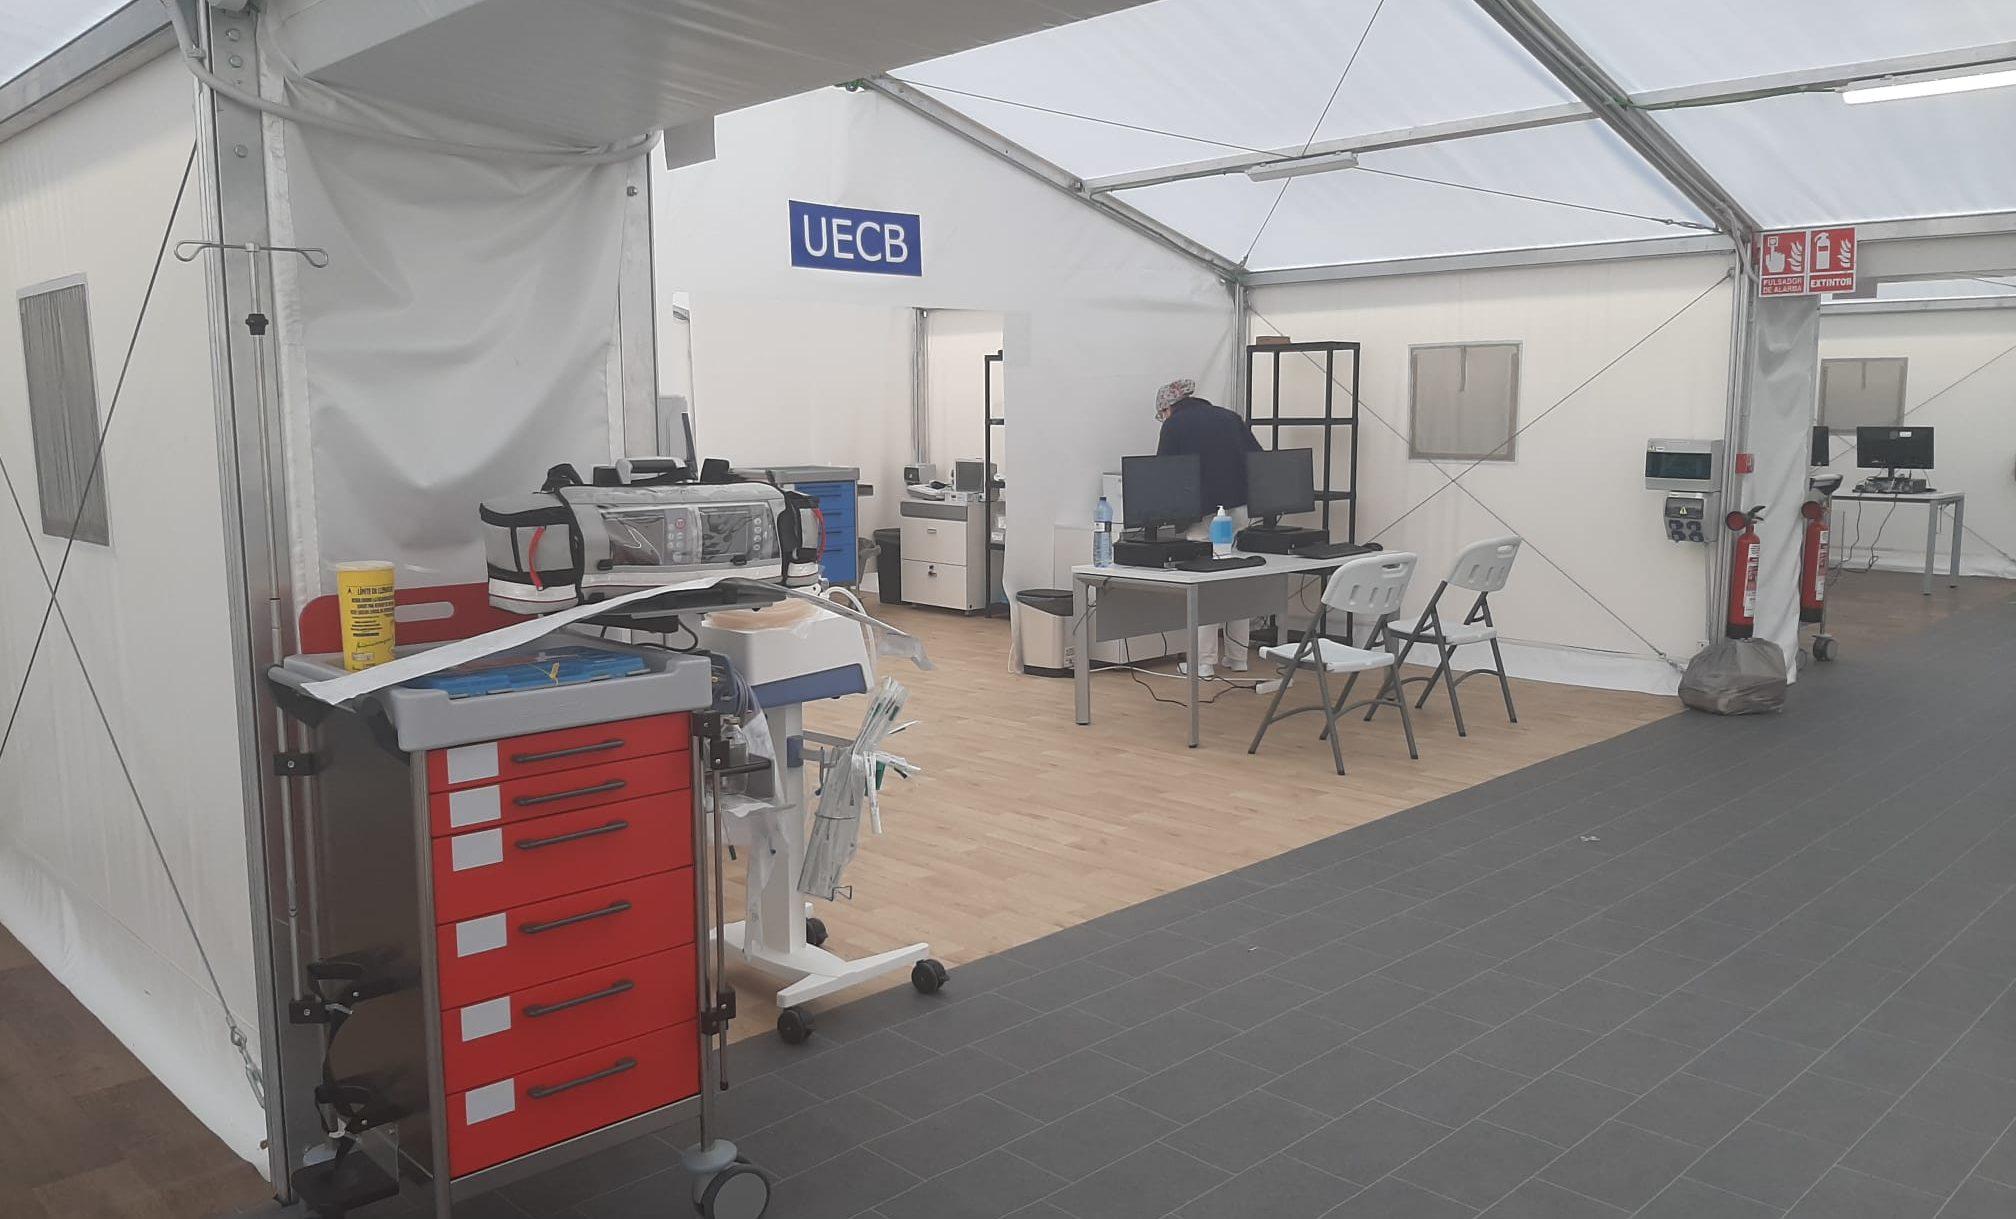 L'hospital de campanya de la província de Castelló inicia l'activitat d'hospitalització de pacients ambCOVID-19